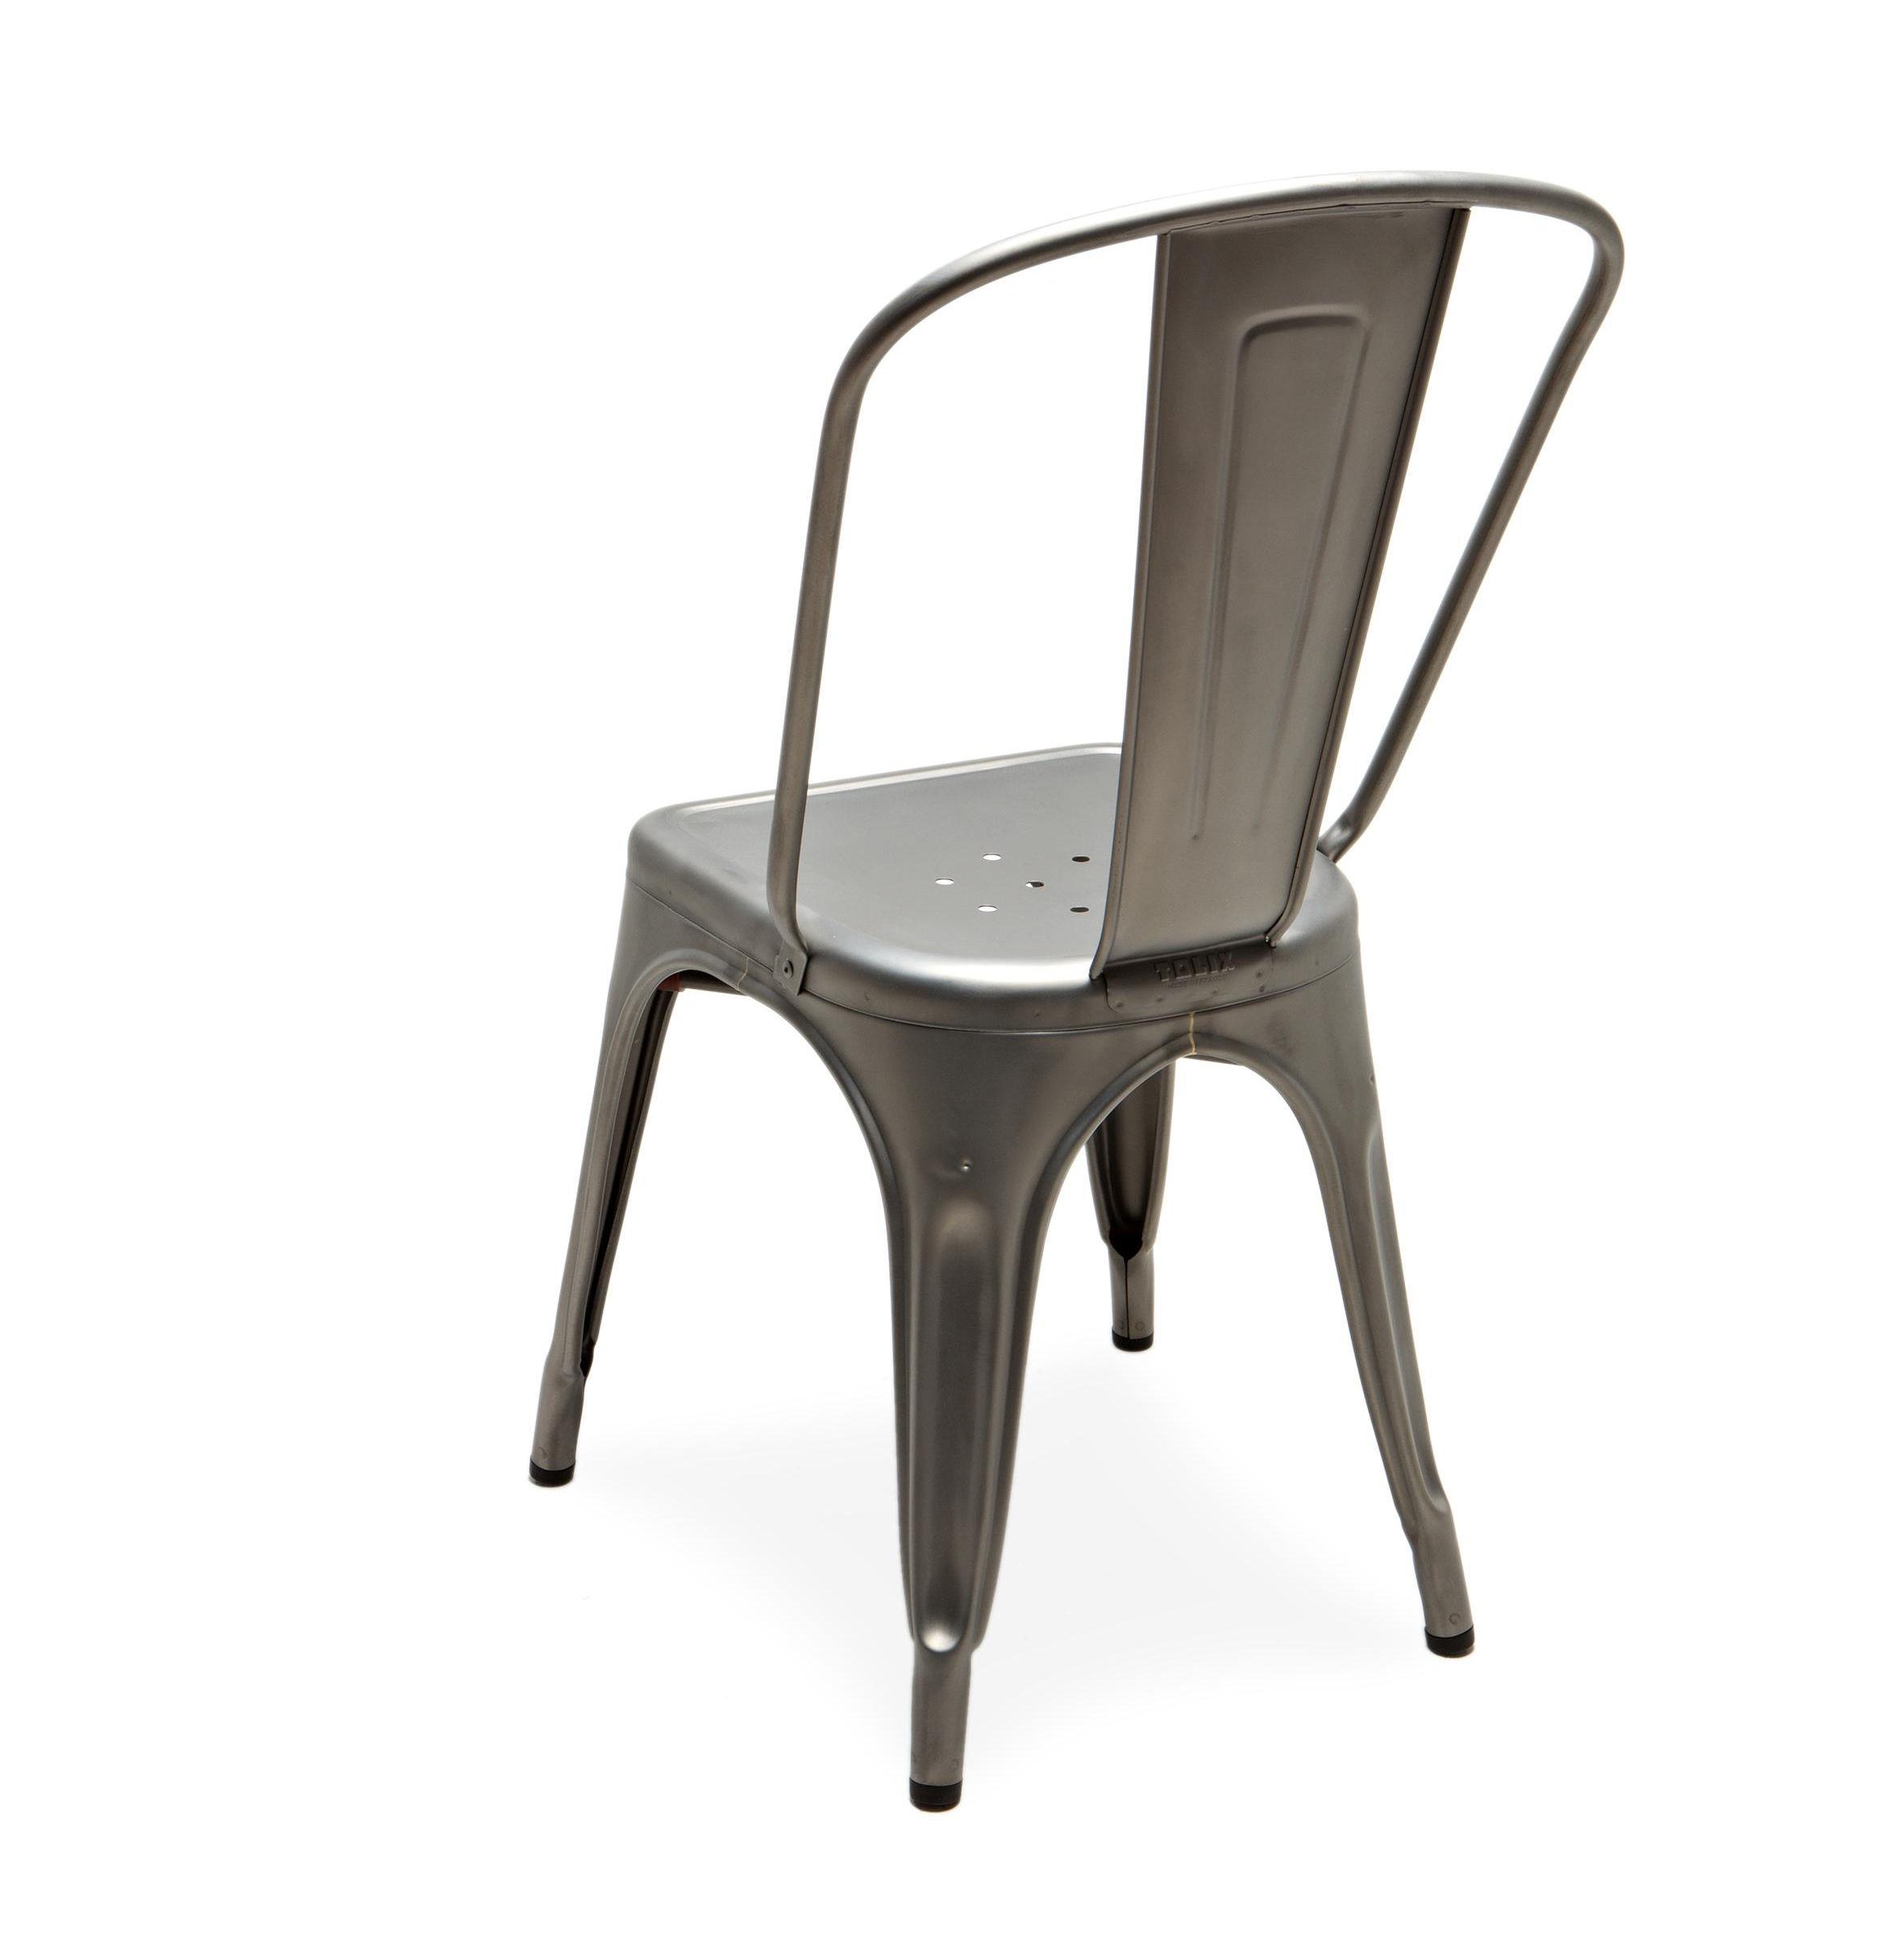 Chaise empilable a acier pour l 39 int rieur tolix acier satin mat ebay - Chaise industrielle tolix ...